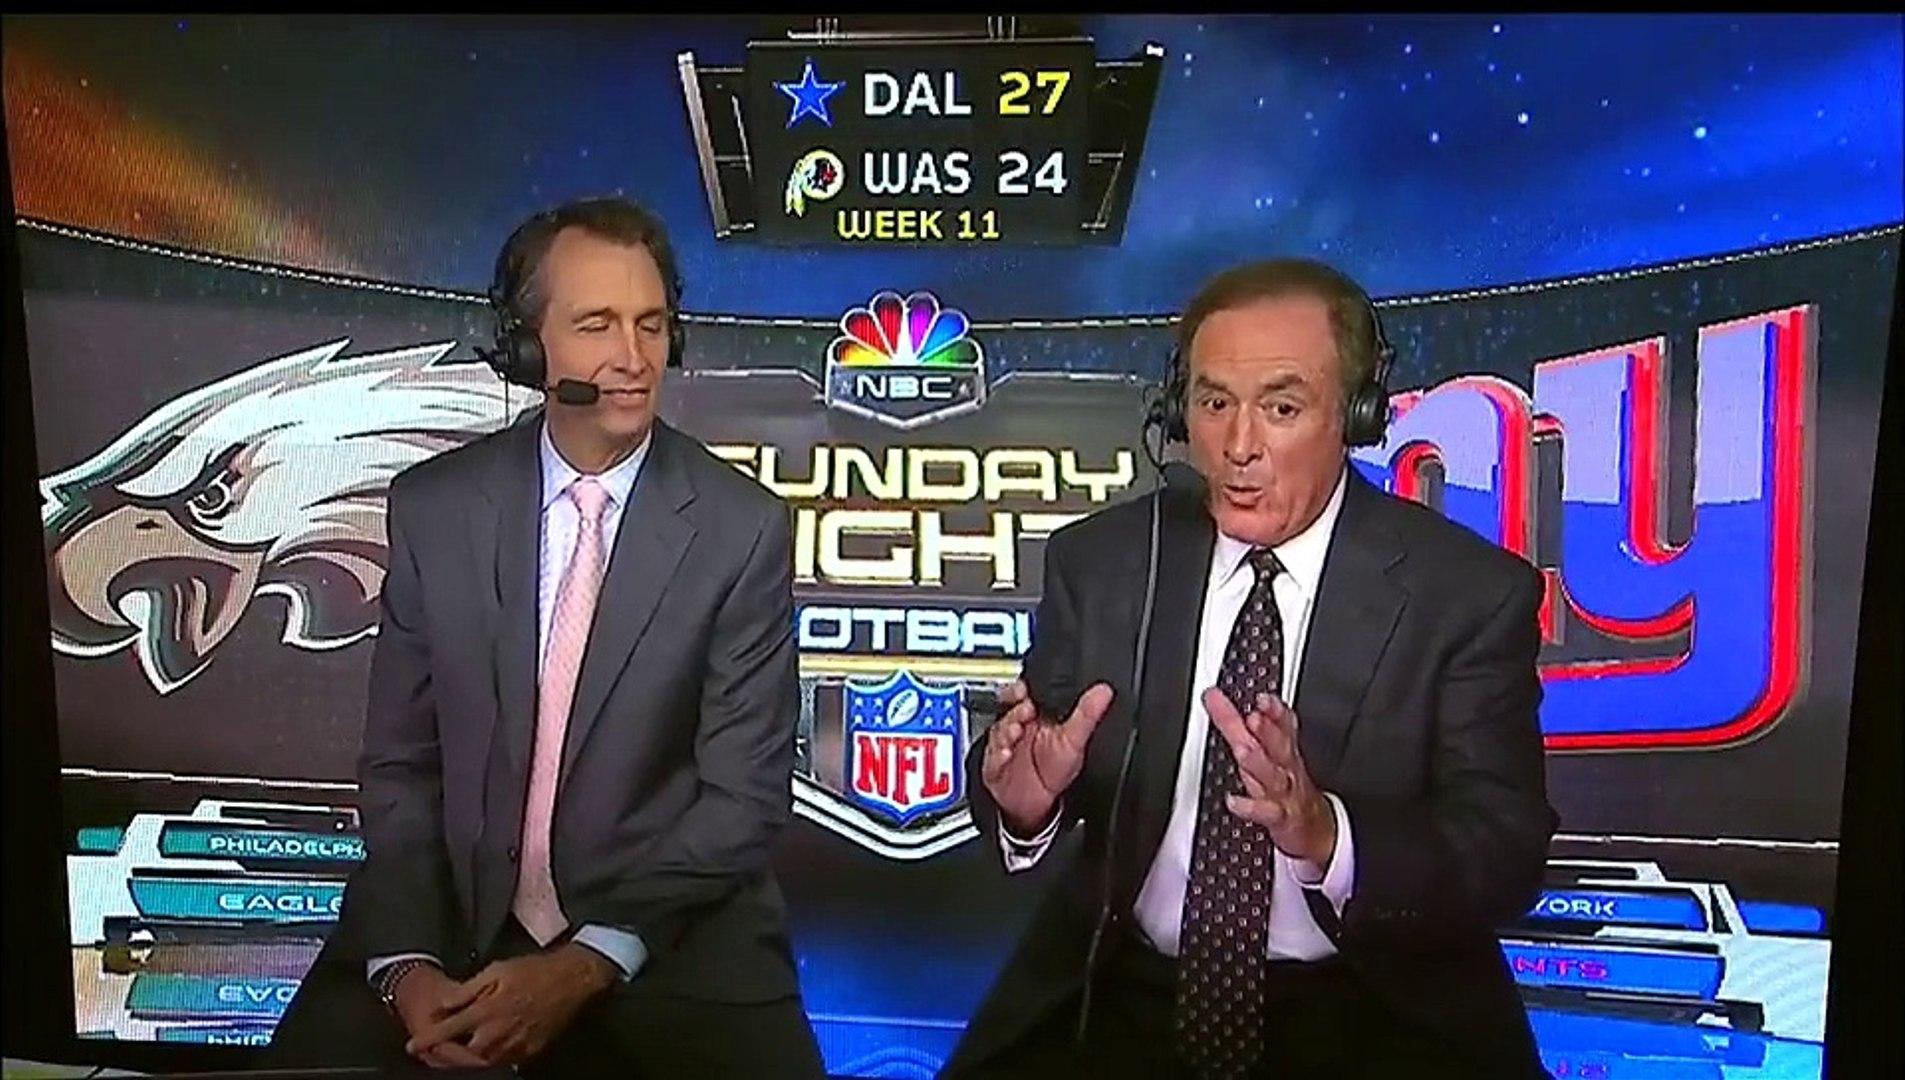 NFL 2011-12 W11 - New York Giants vs Philadelphia Eagles 2011-11-20